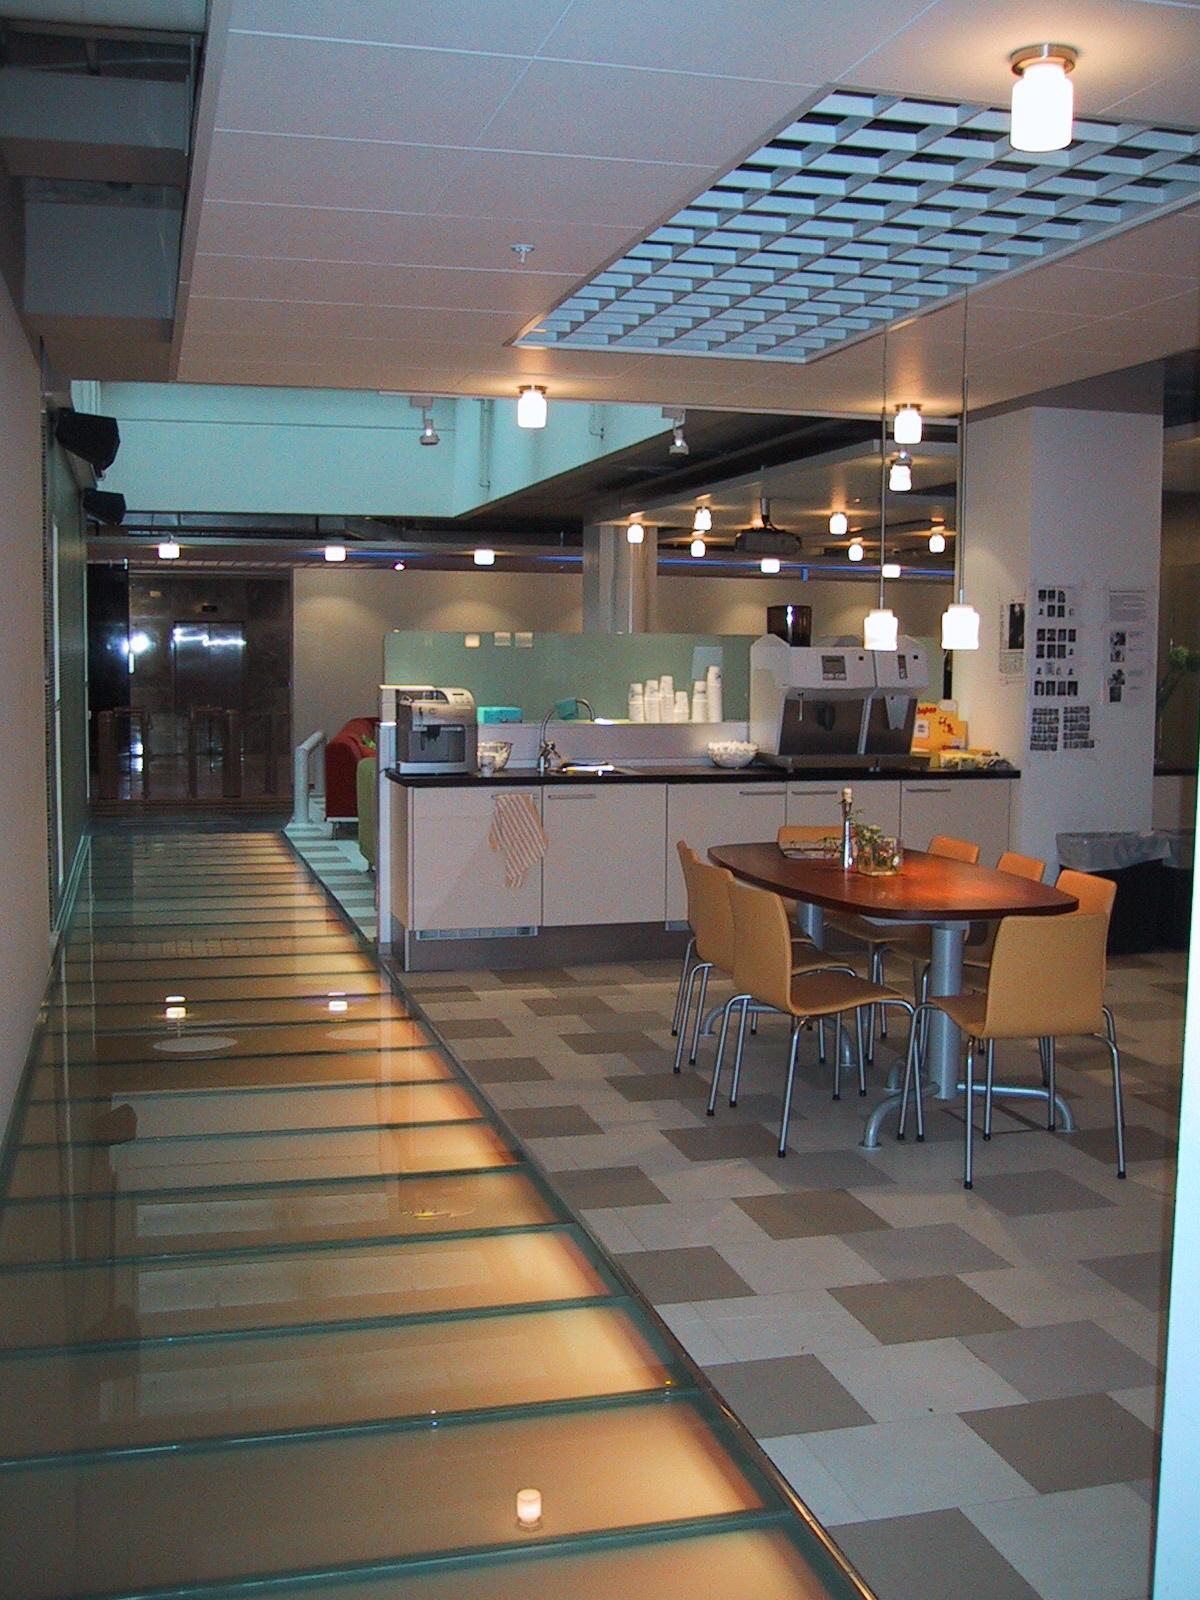 JPG 1300 Tube Under Glass Floor And Aqua Blue Indirect 1 IBM Building Stockholm Sweden